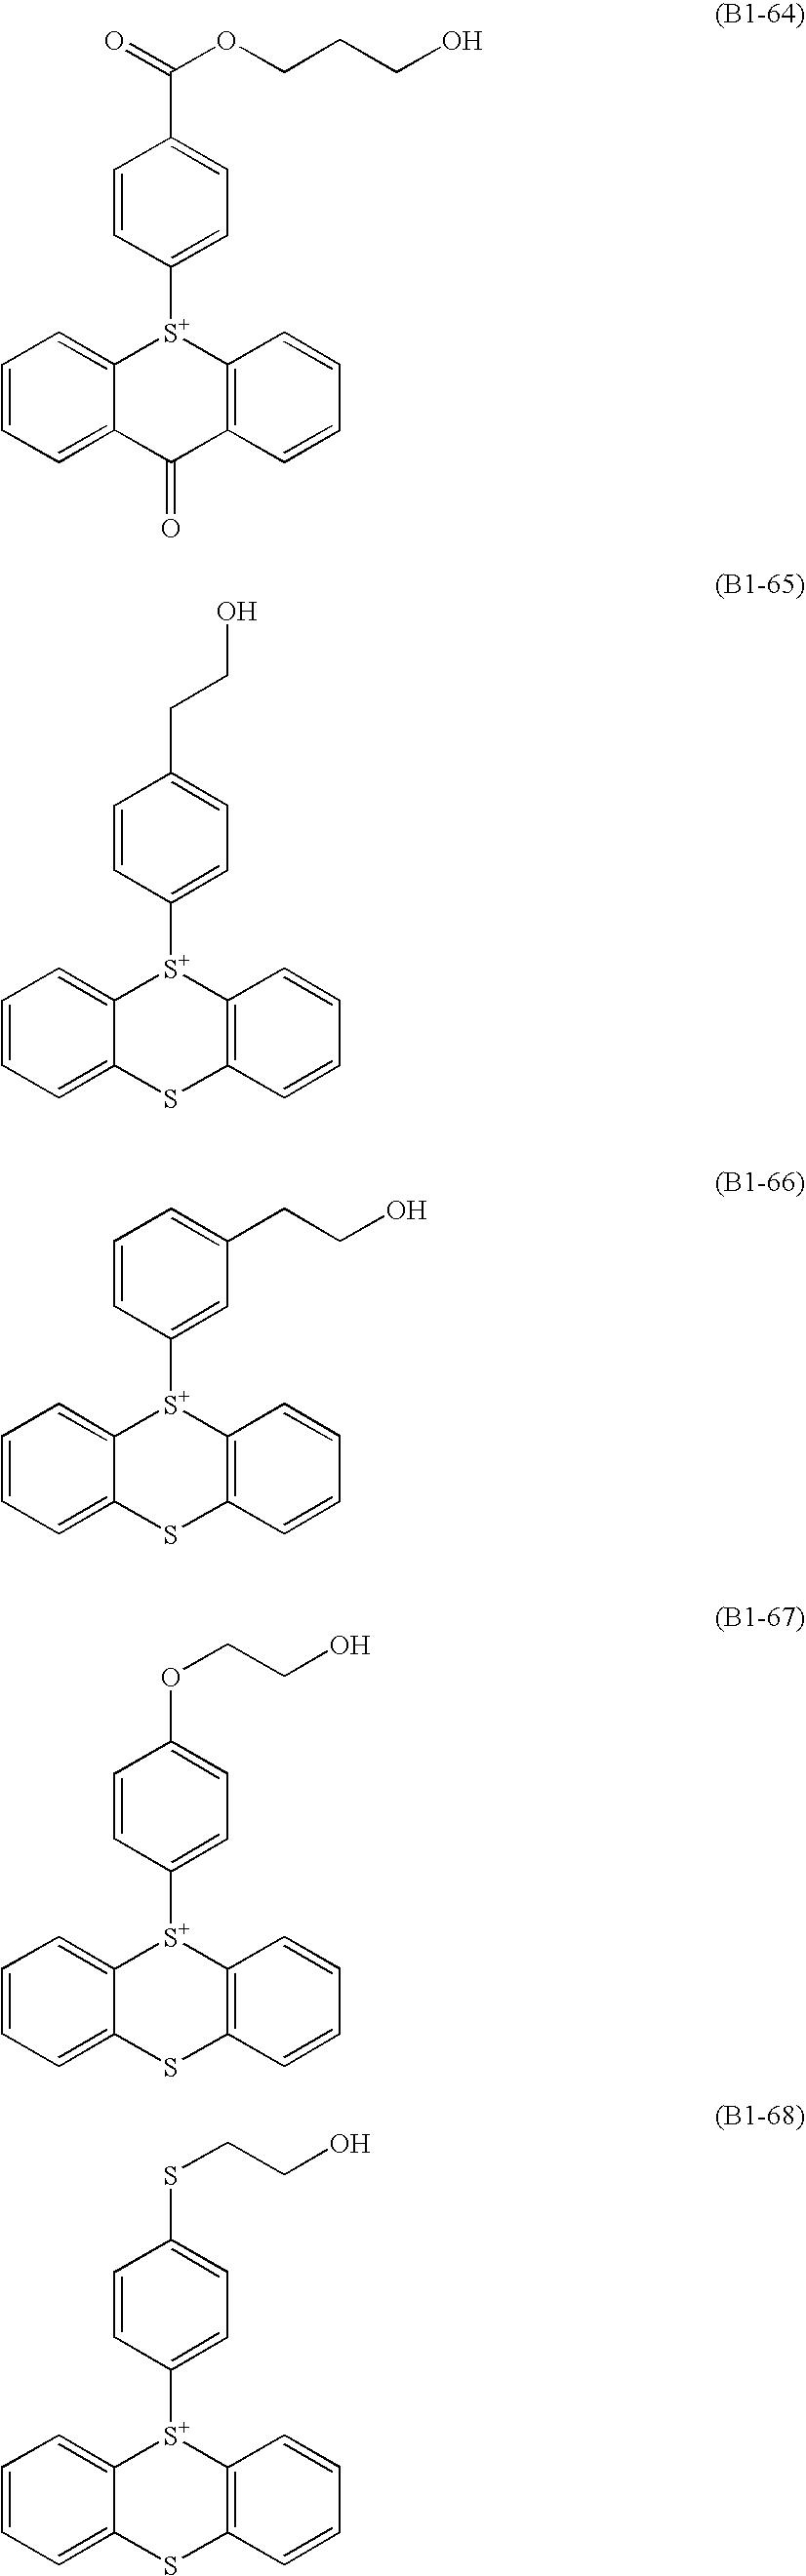 Figure US20100183975A1-20100722-C00023